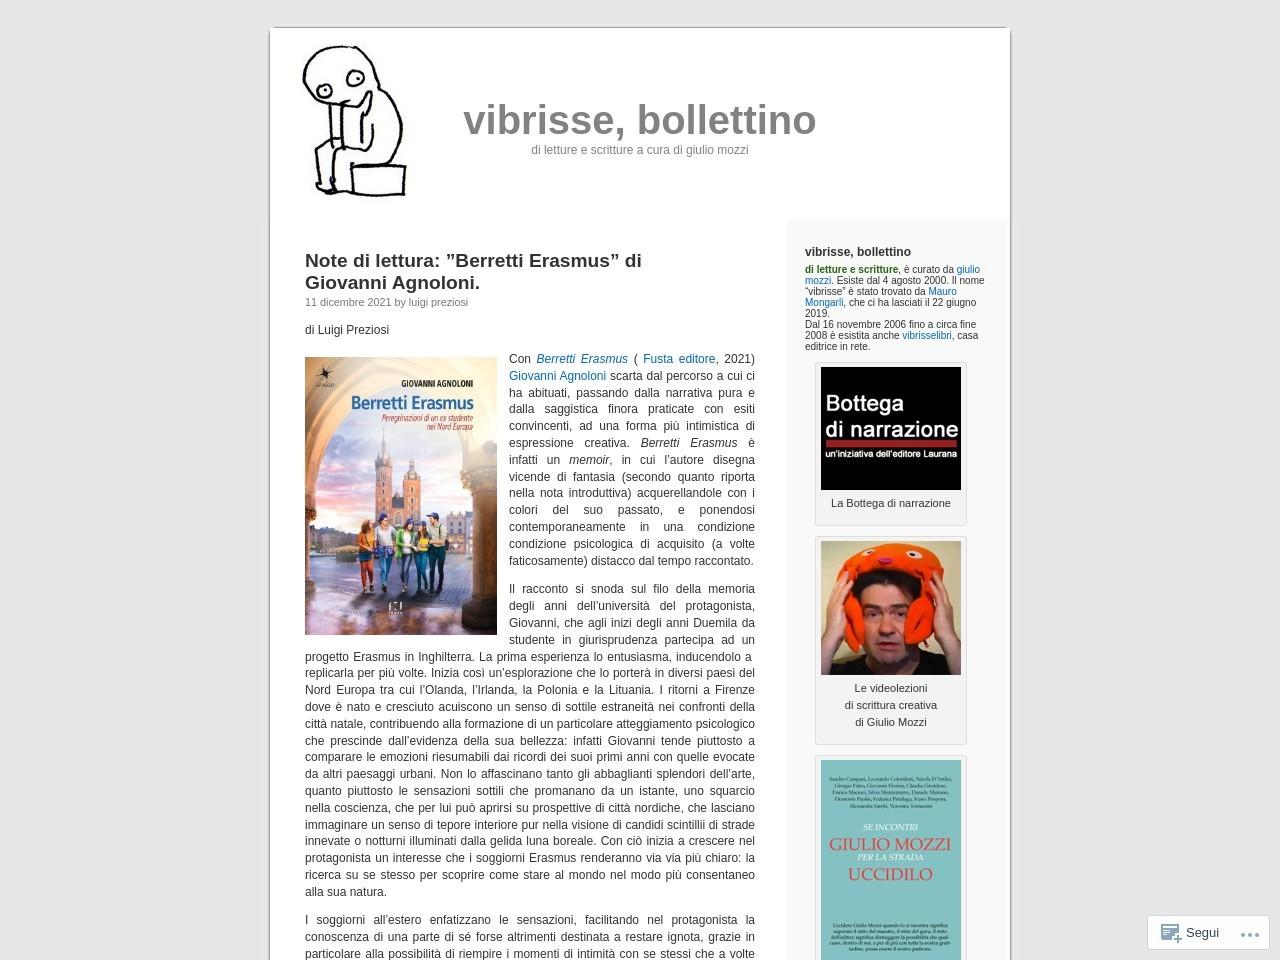 vibrisse-bollettino-di-letture-e-scritture